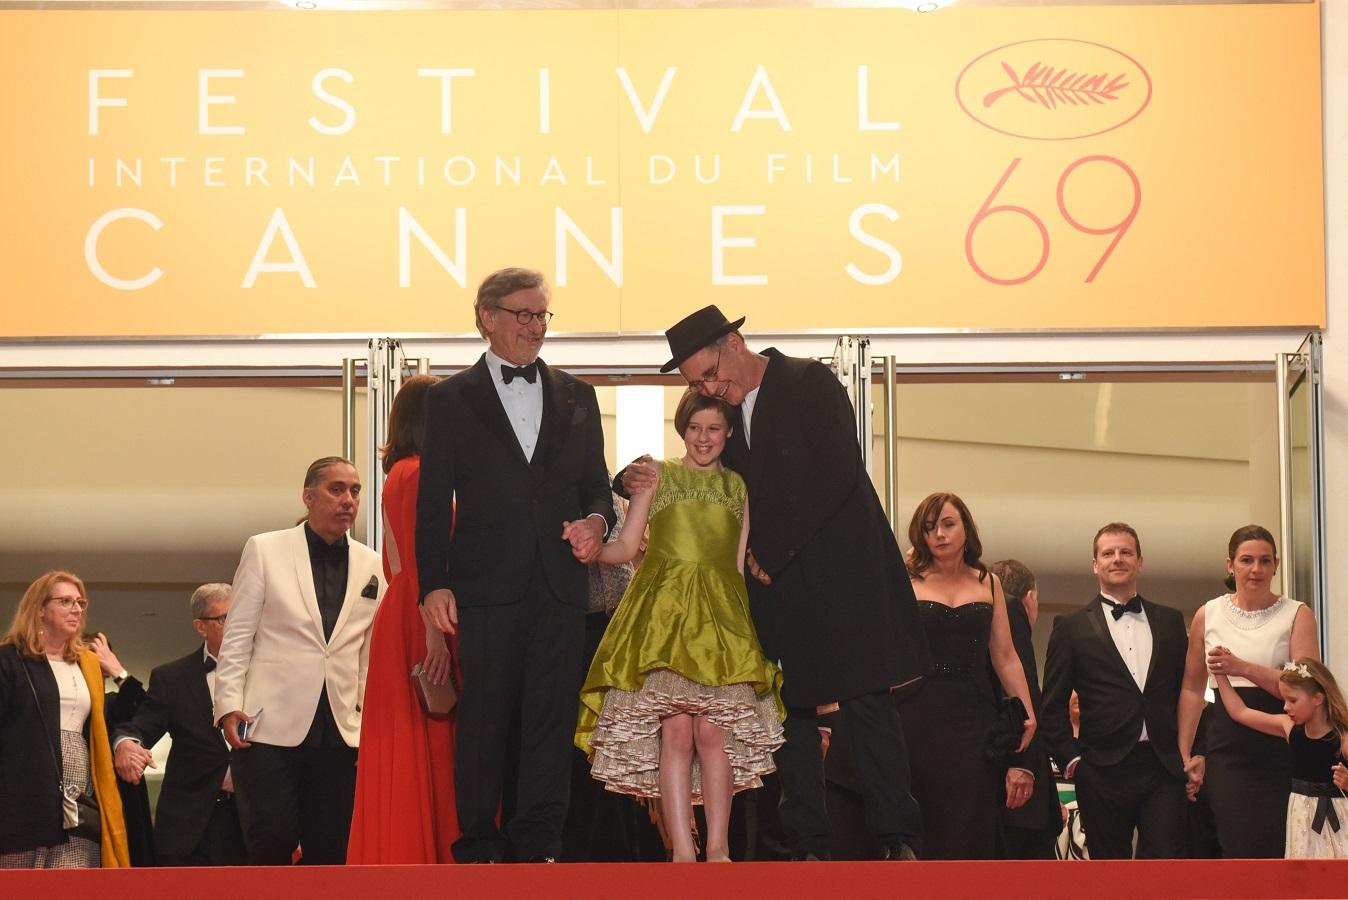 映画『BFG:ビッグ・フレンドリー・ジャイアント』(スティーヴン・スピルバーグ監督)カンヌ国際映画祭カバー